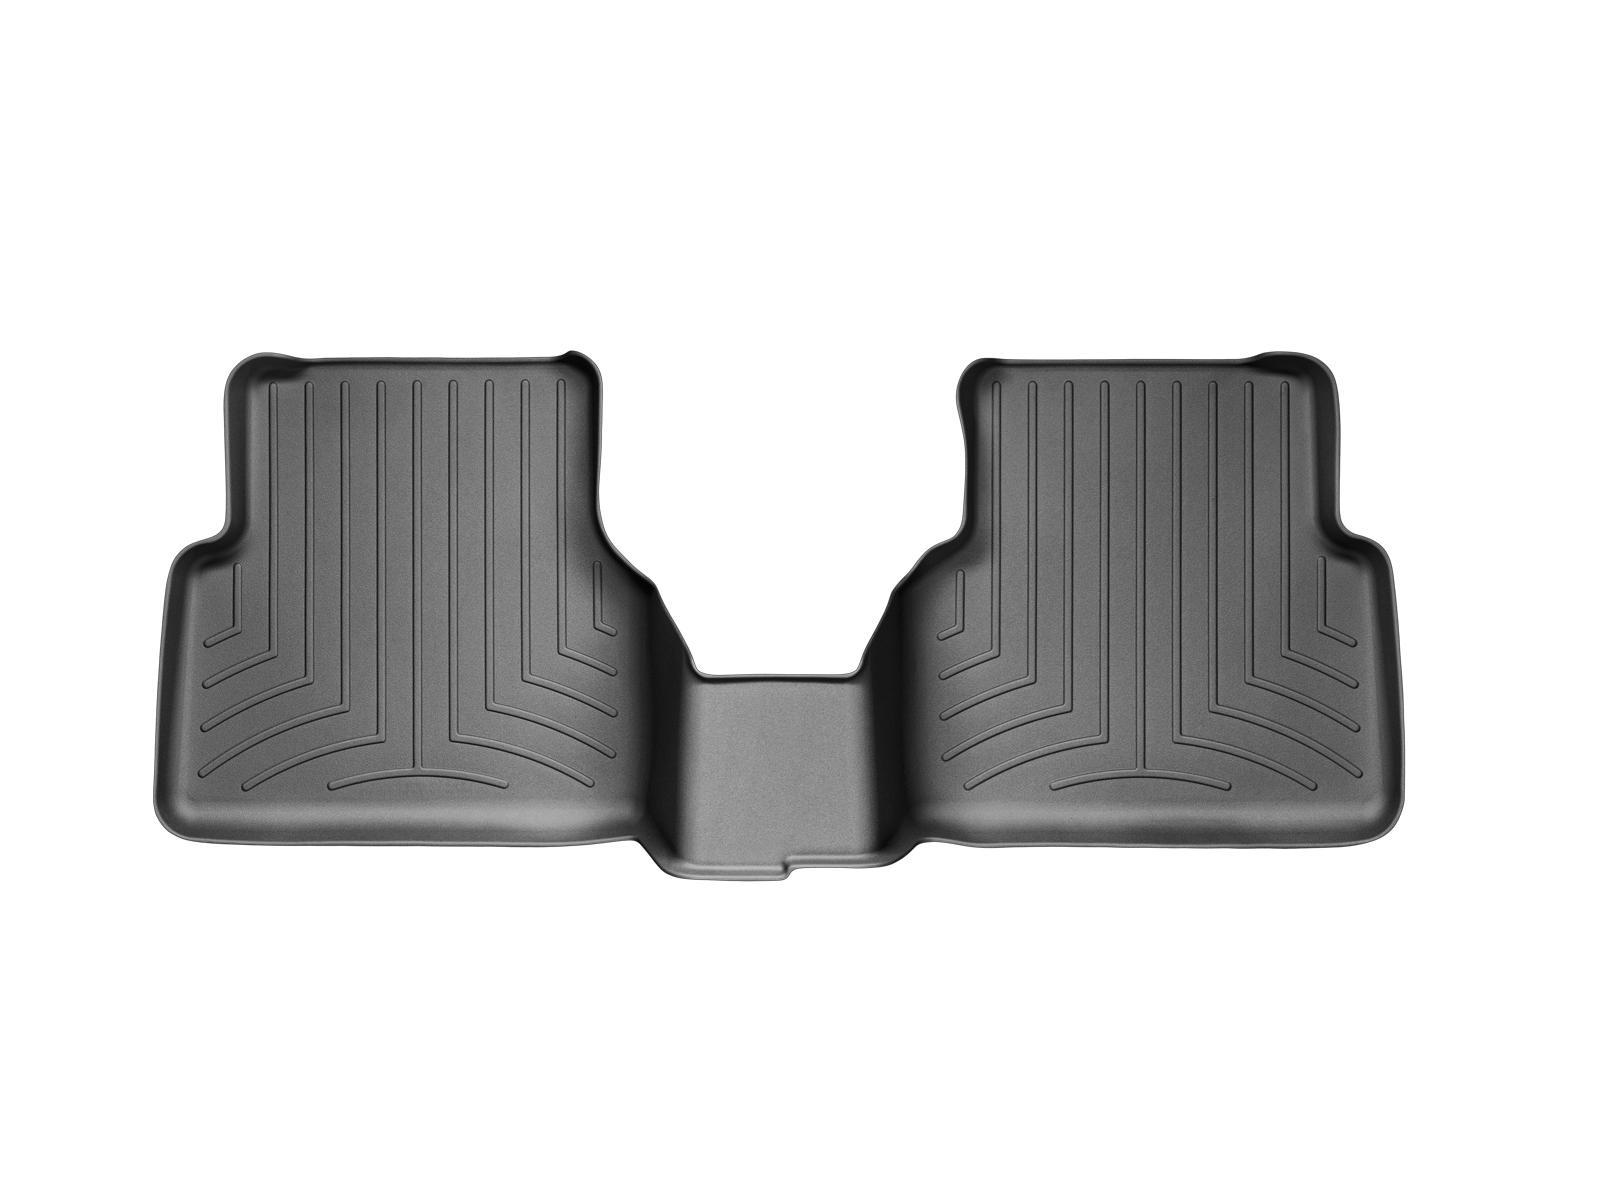 Tappeti gomma su misura bordo alto Volkswagen Tiguan 08>15 Nero A4266*